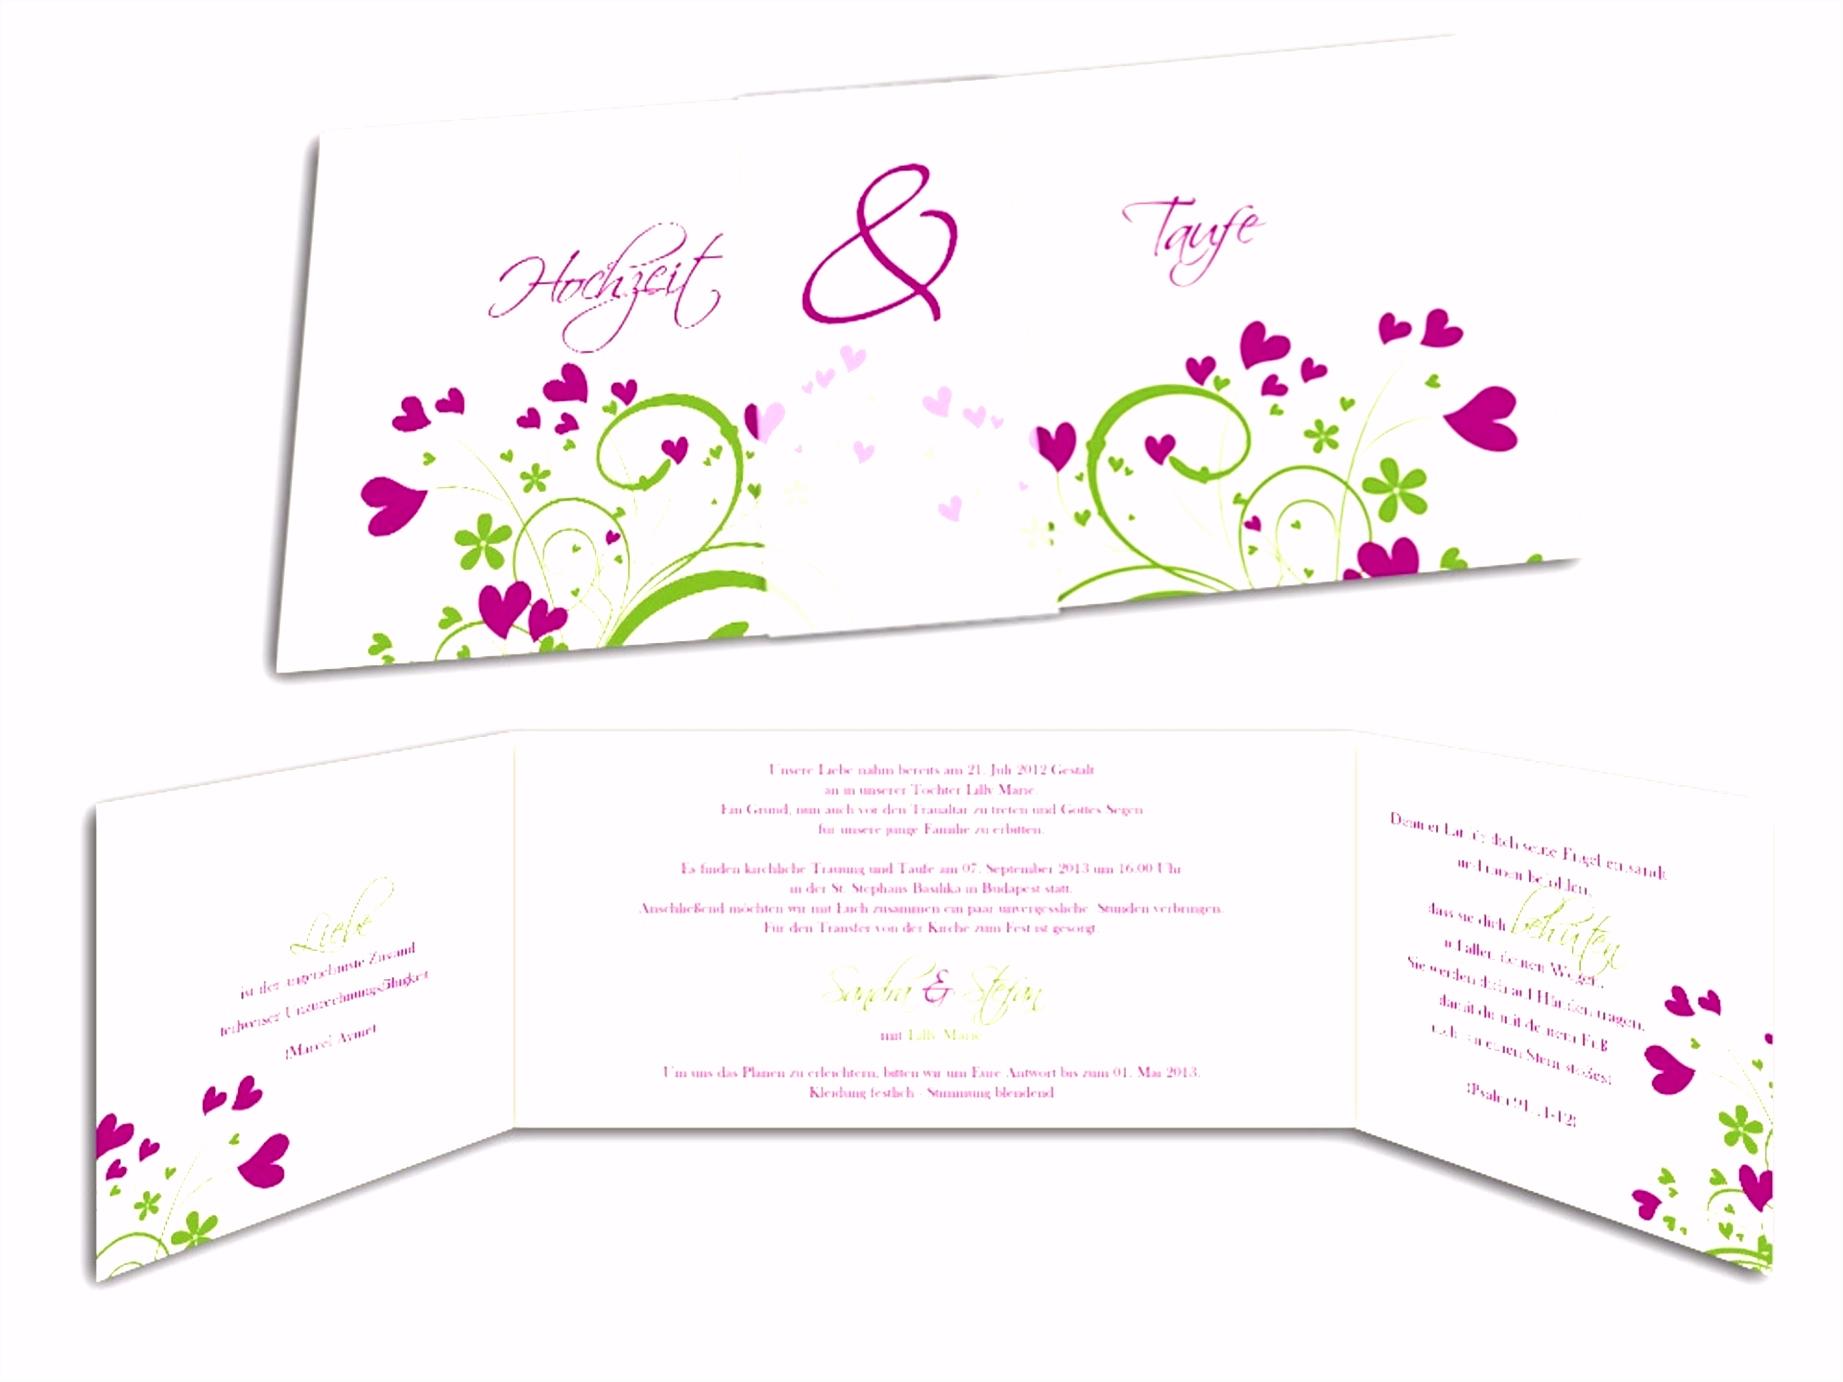 Einladungstext Taufe Vorlage Einladungskarten Taufe Vorlagen Frisch Taufkarte Text Genial F0mp92klu3 S2ulh2cvuu